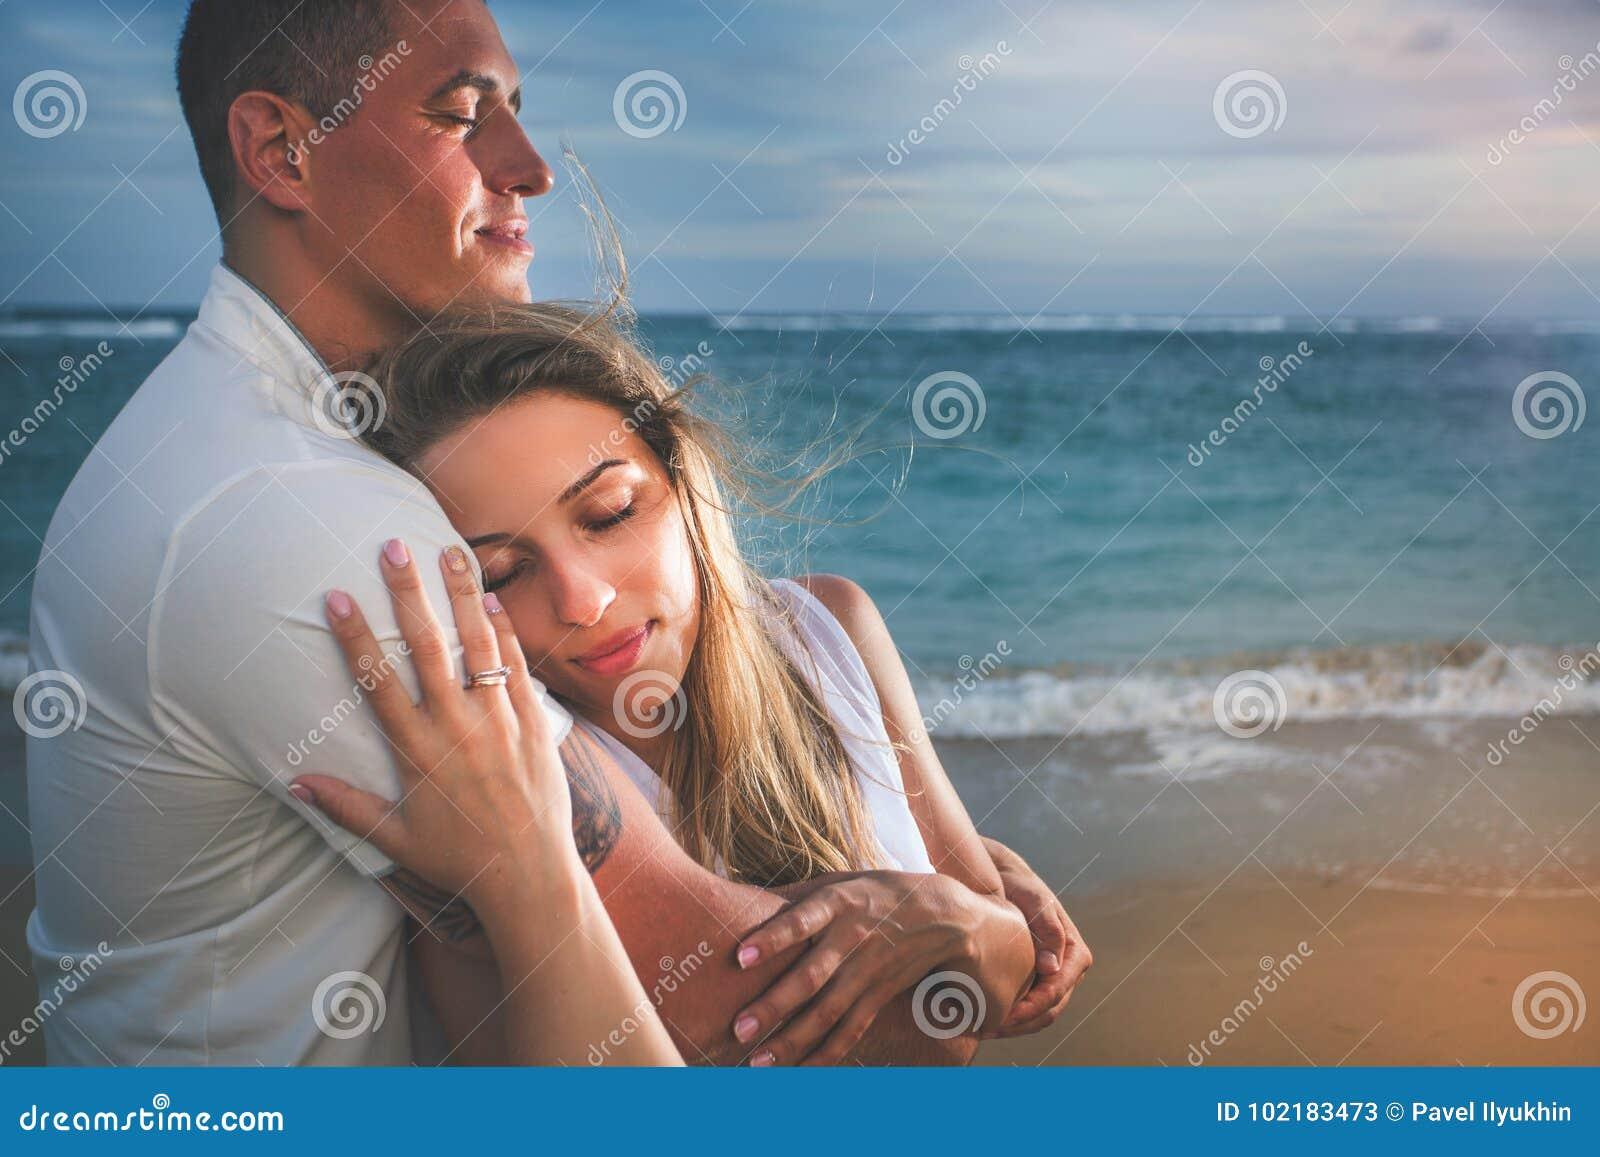 Selecteer de beste Christelijke dating site